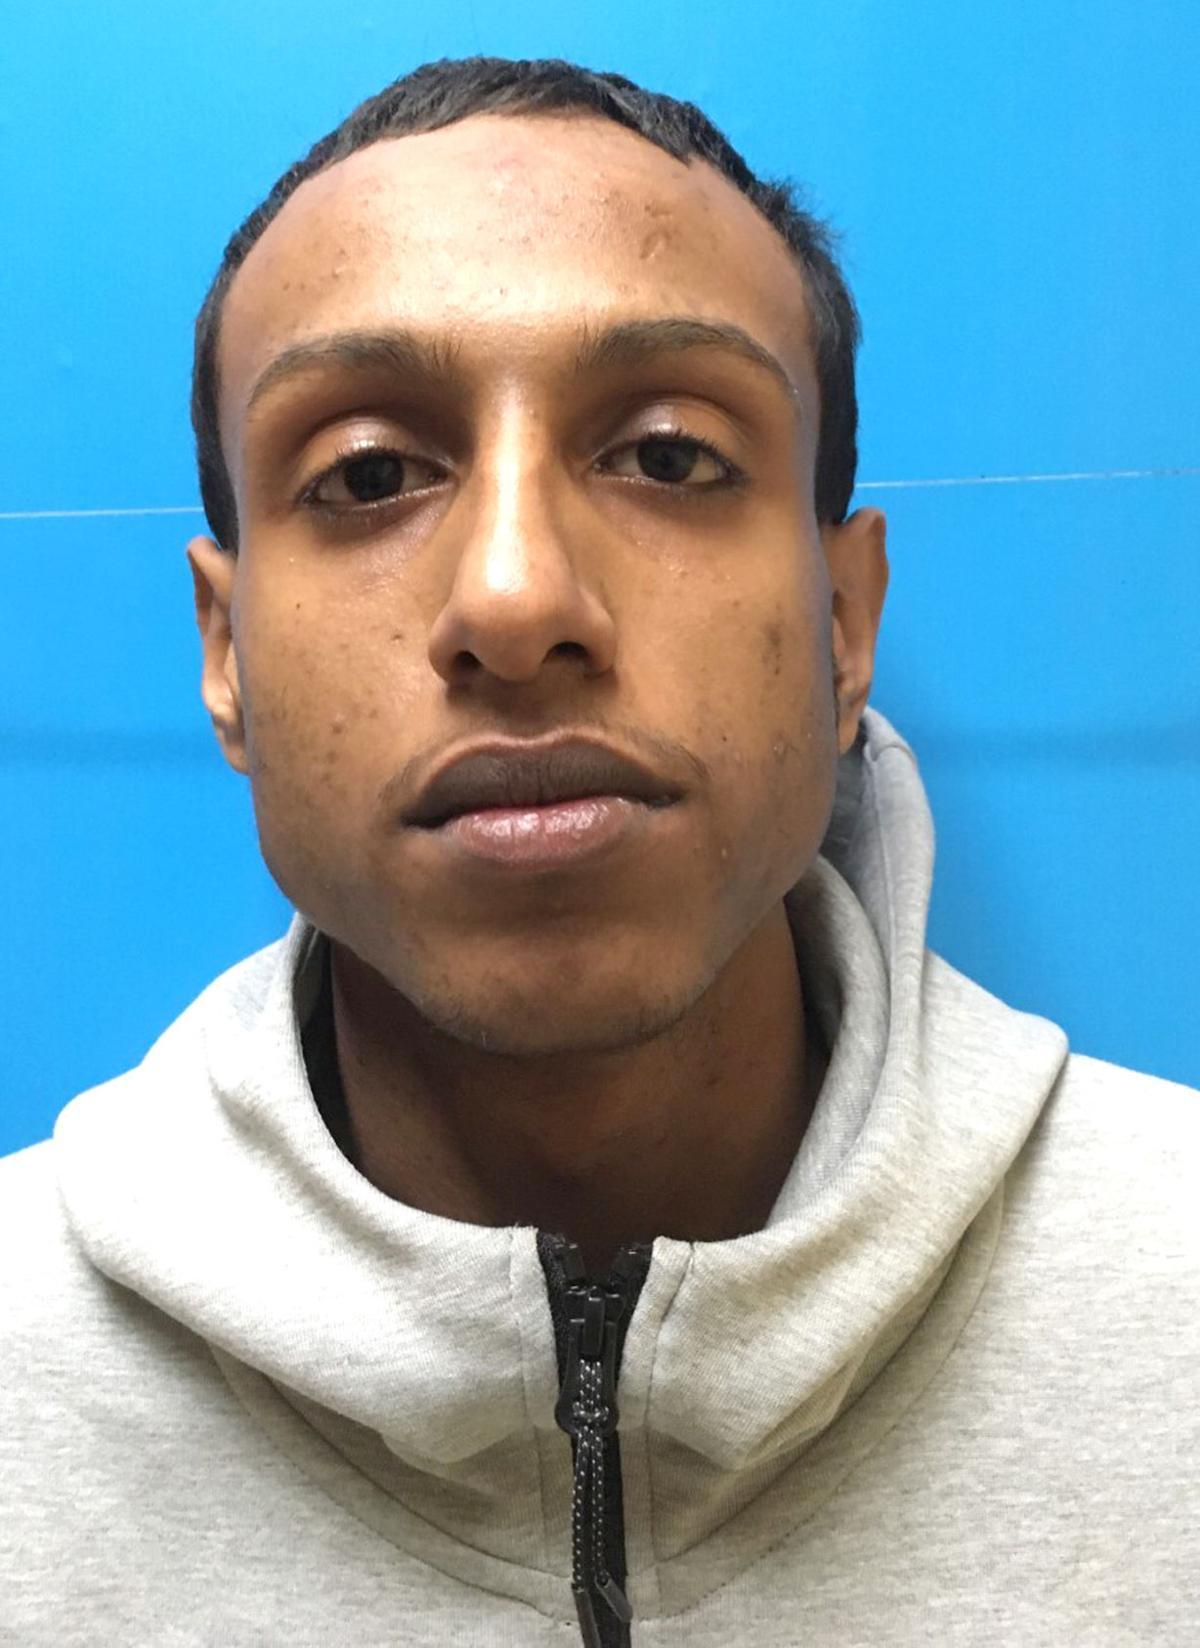 Mohamed Abdo Ali Mubarez